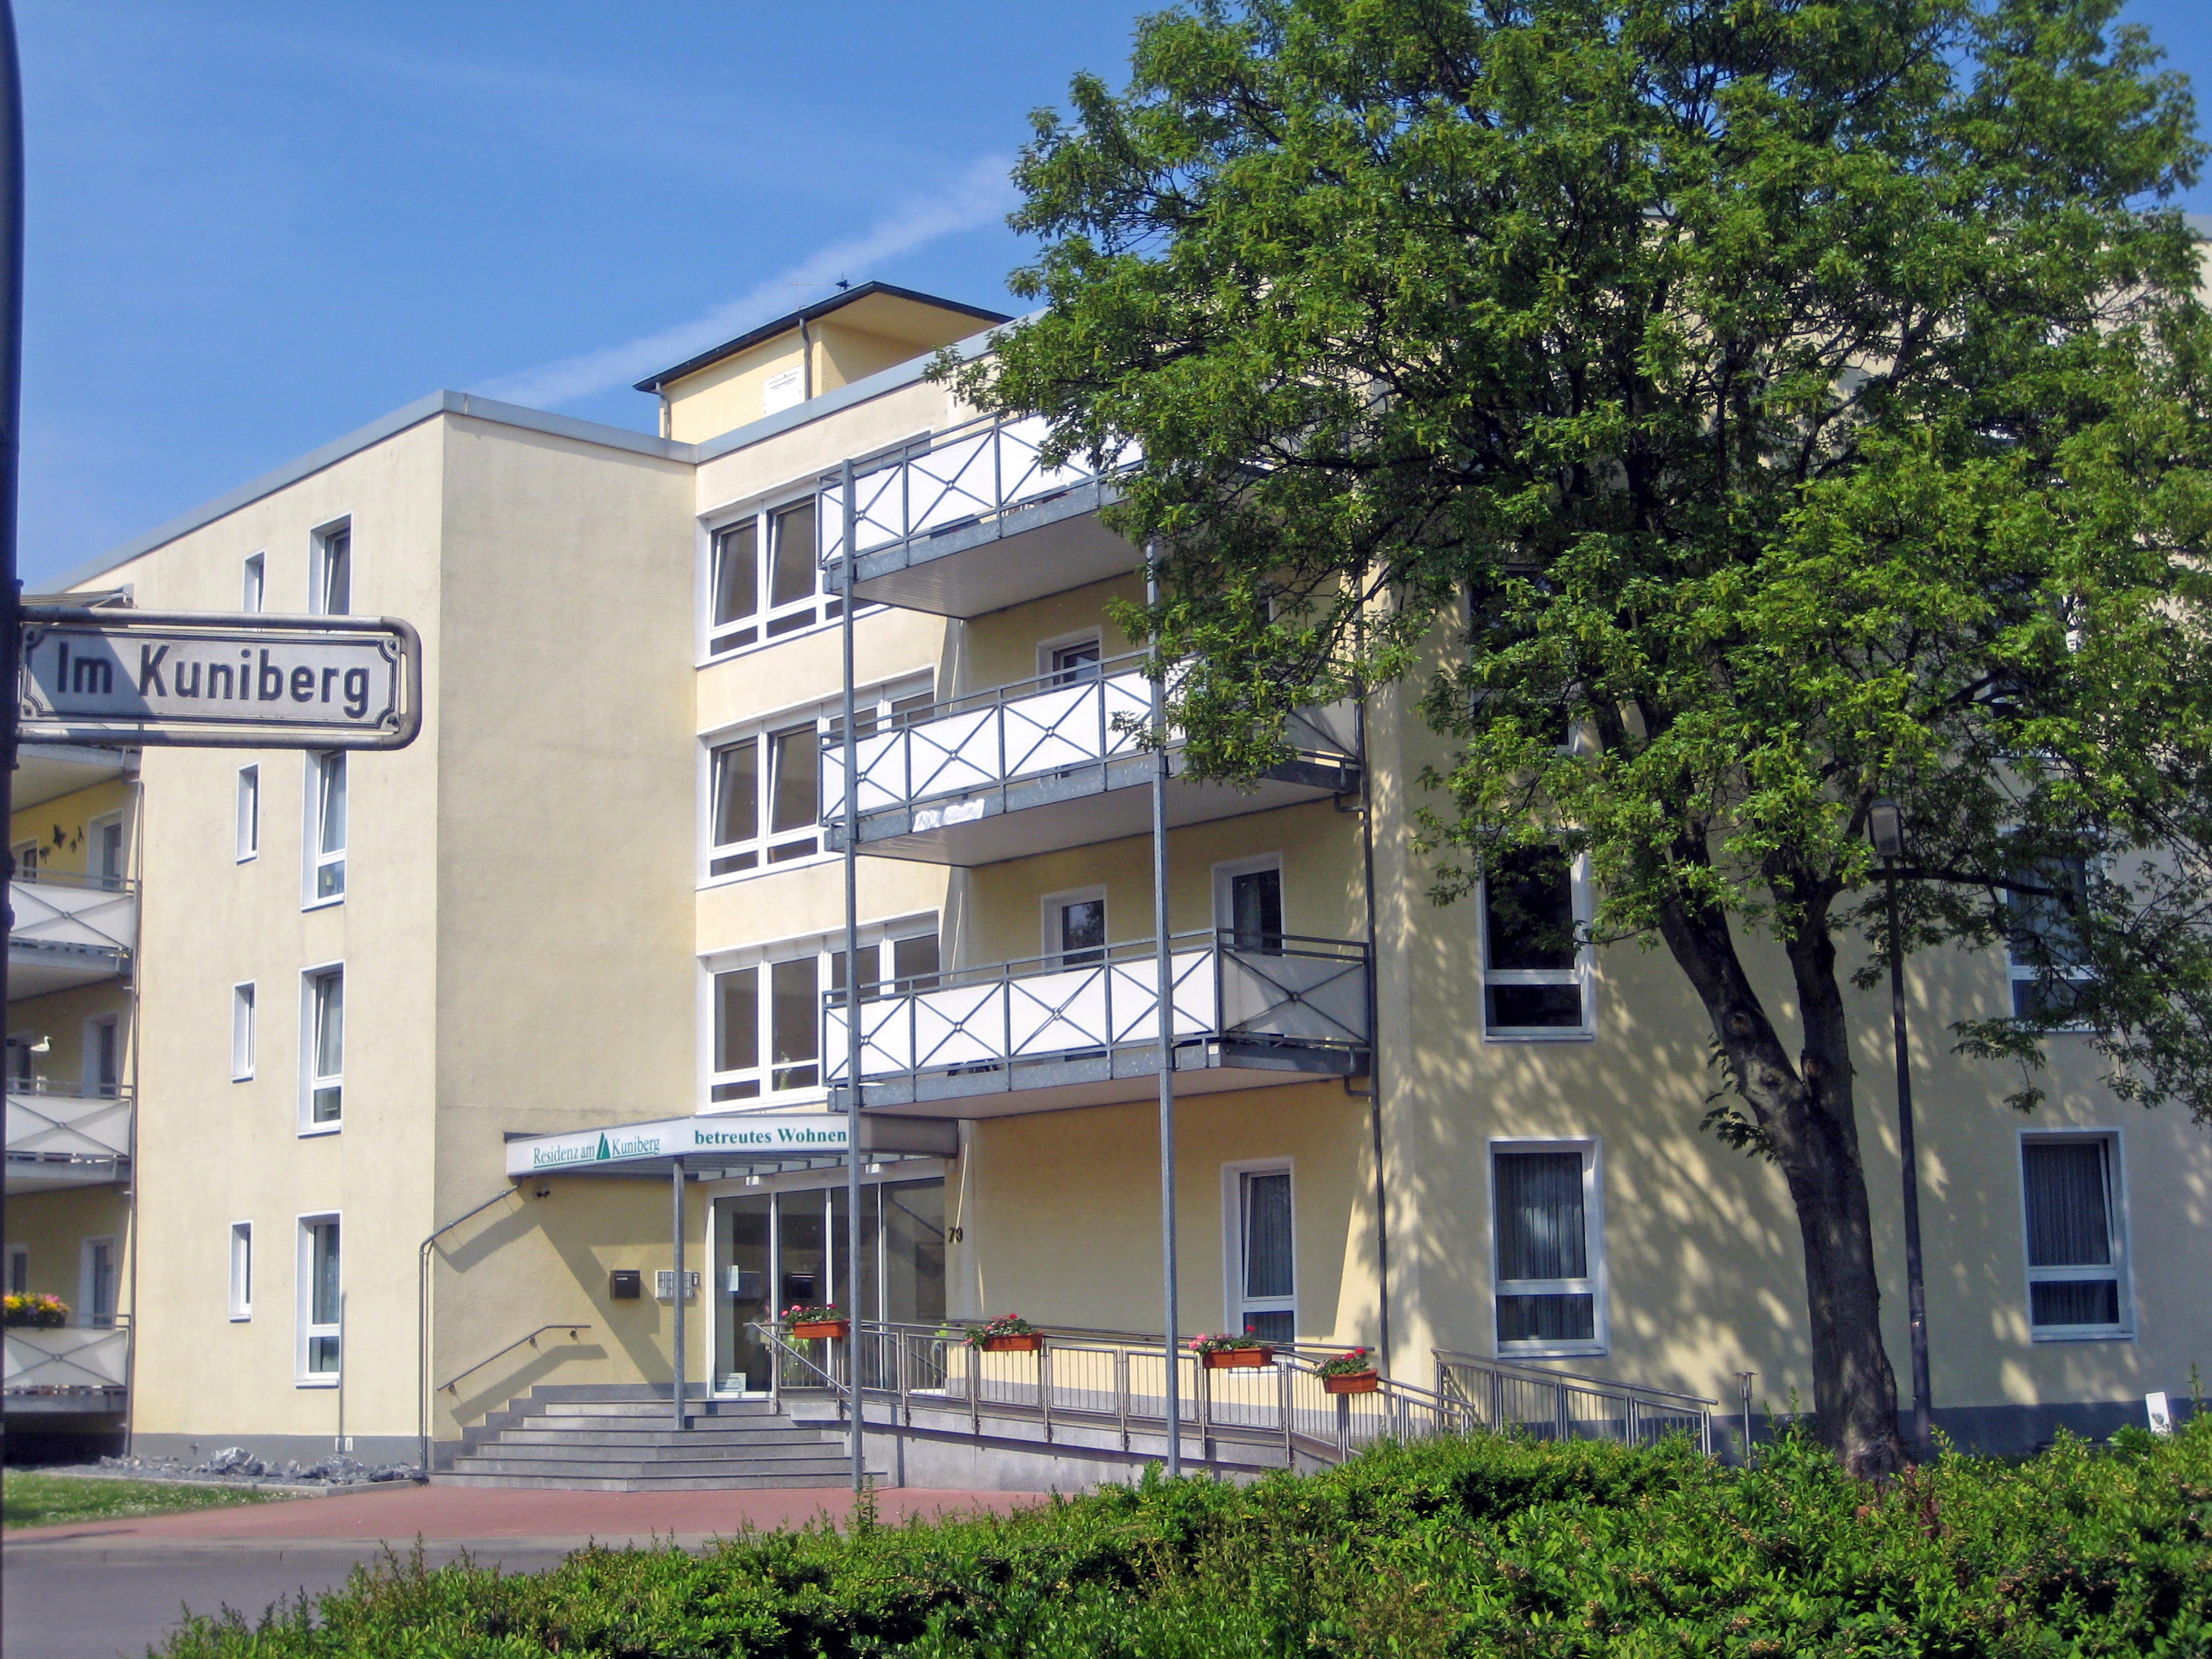 Residenz am Kuniberg - betreutes Wohnen